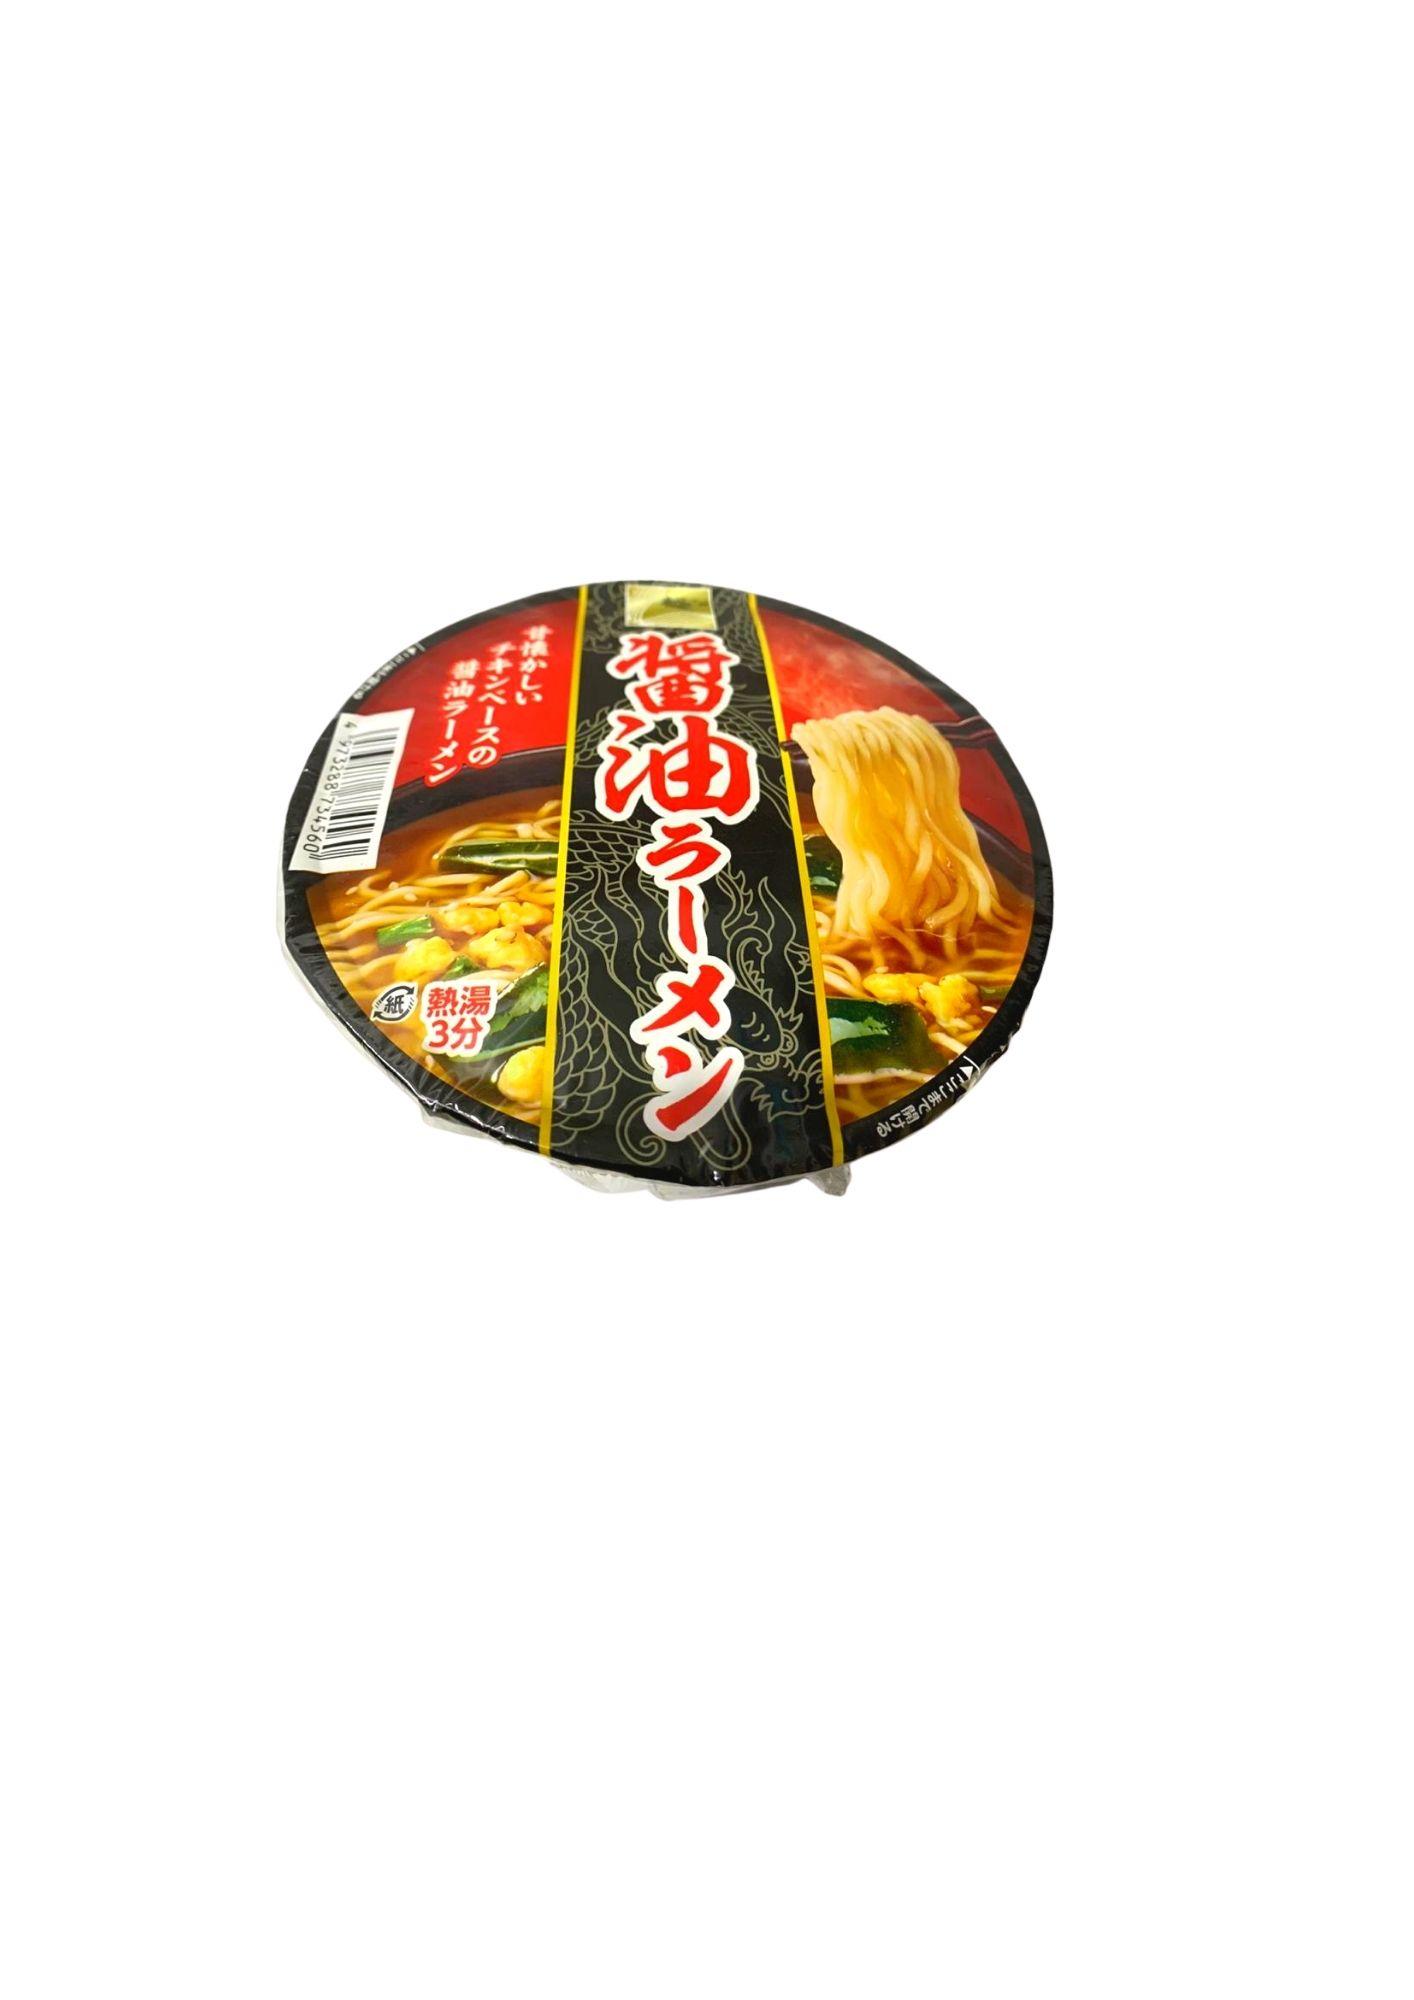 SUNAOSHI CUP SHOYU LAMEN 78g